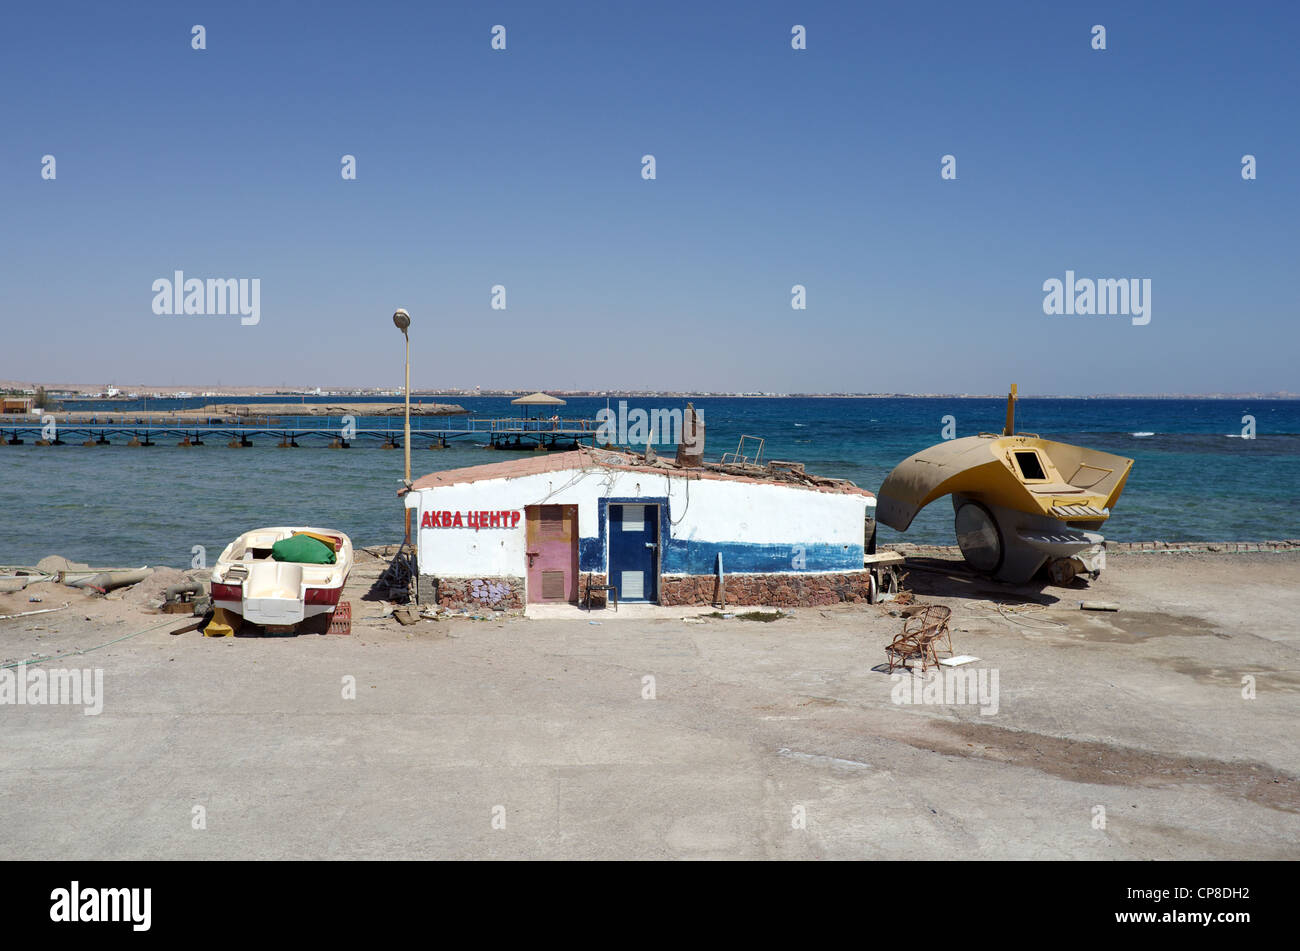 Pier mit Bauwerk. Rotes Meer, Hurghada, Ägypten Stockbild